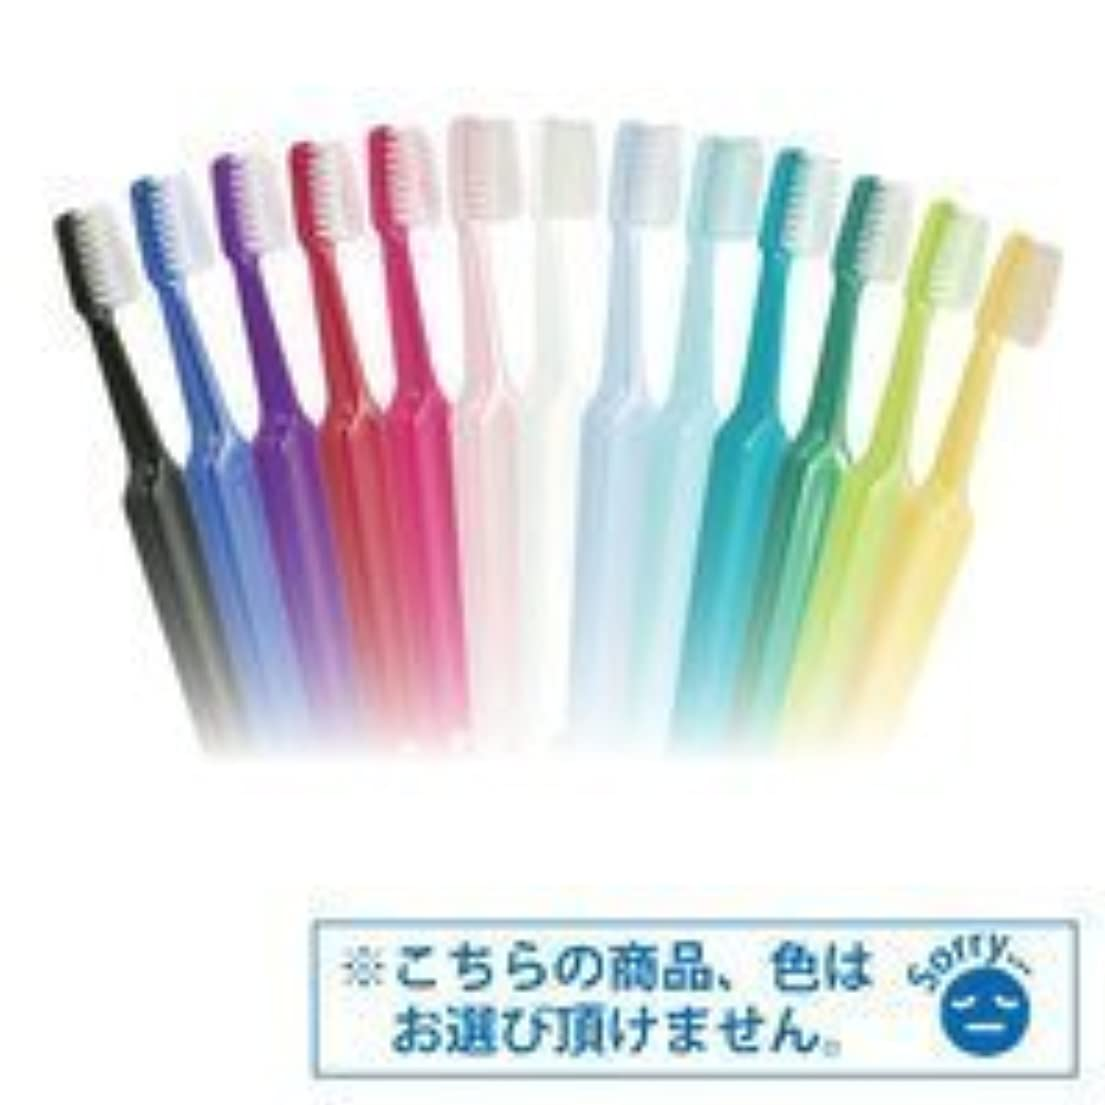 スピン補充ミシンTepe歯ブラシ セレクトミニ/エクストラソフト 5本入り